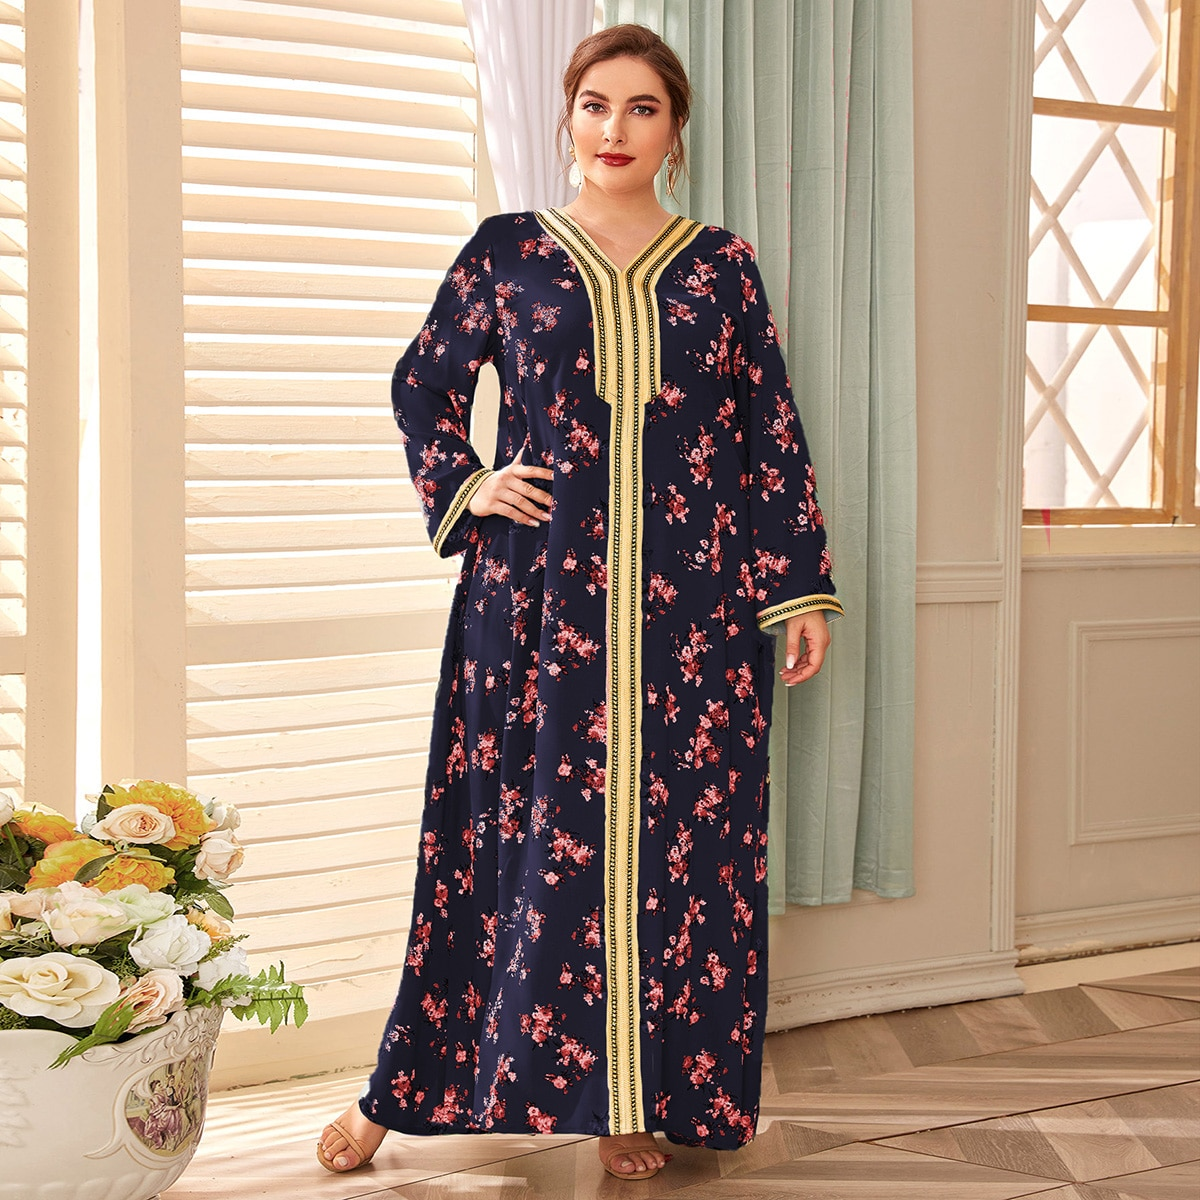 Платье размера плюс с цветочным принтом